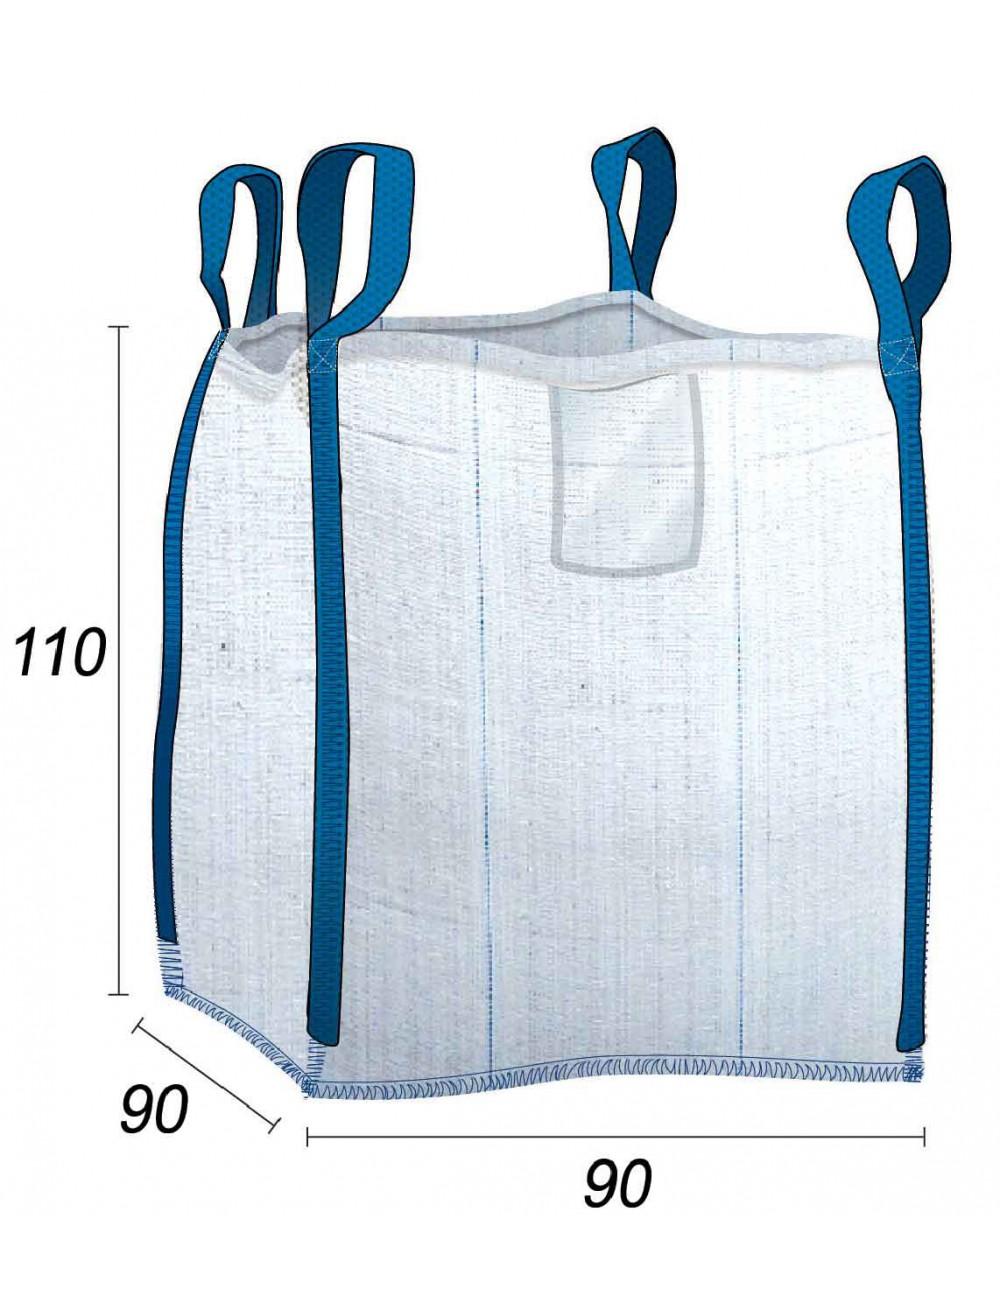 Big Bag Stoccaggio a vuoto Legno e tronchi 1 m3 - 90X90X110